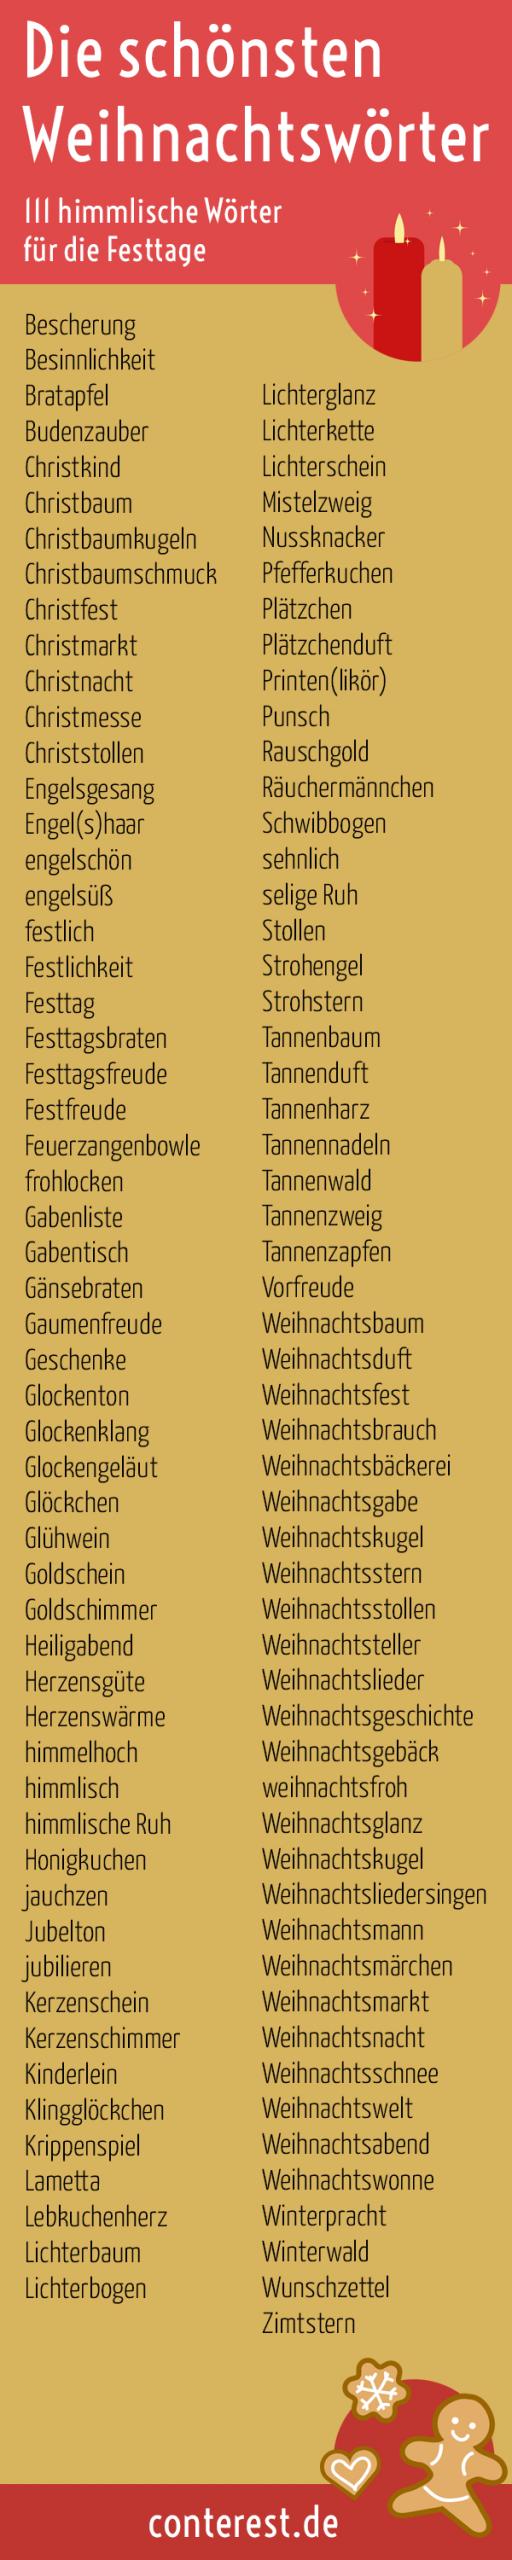 139 Wunderschöne Wörter Für Weihnachten – Tannenduft verwandt mit Weihnachtliche Wörter